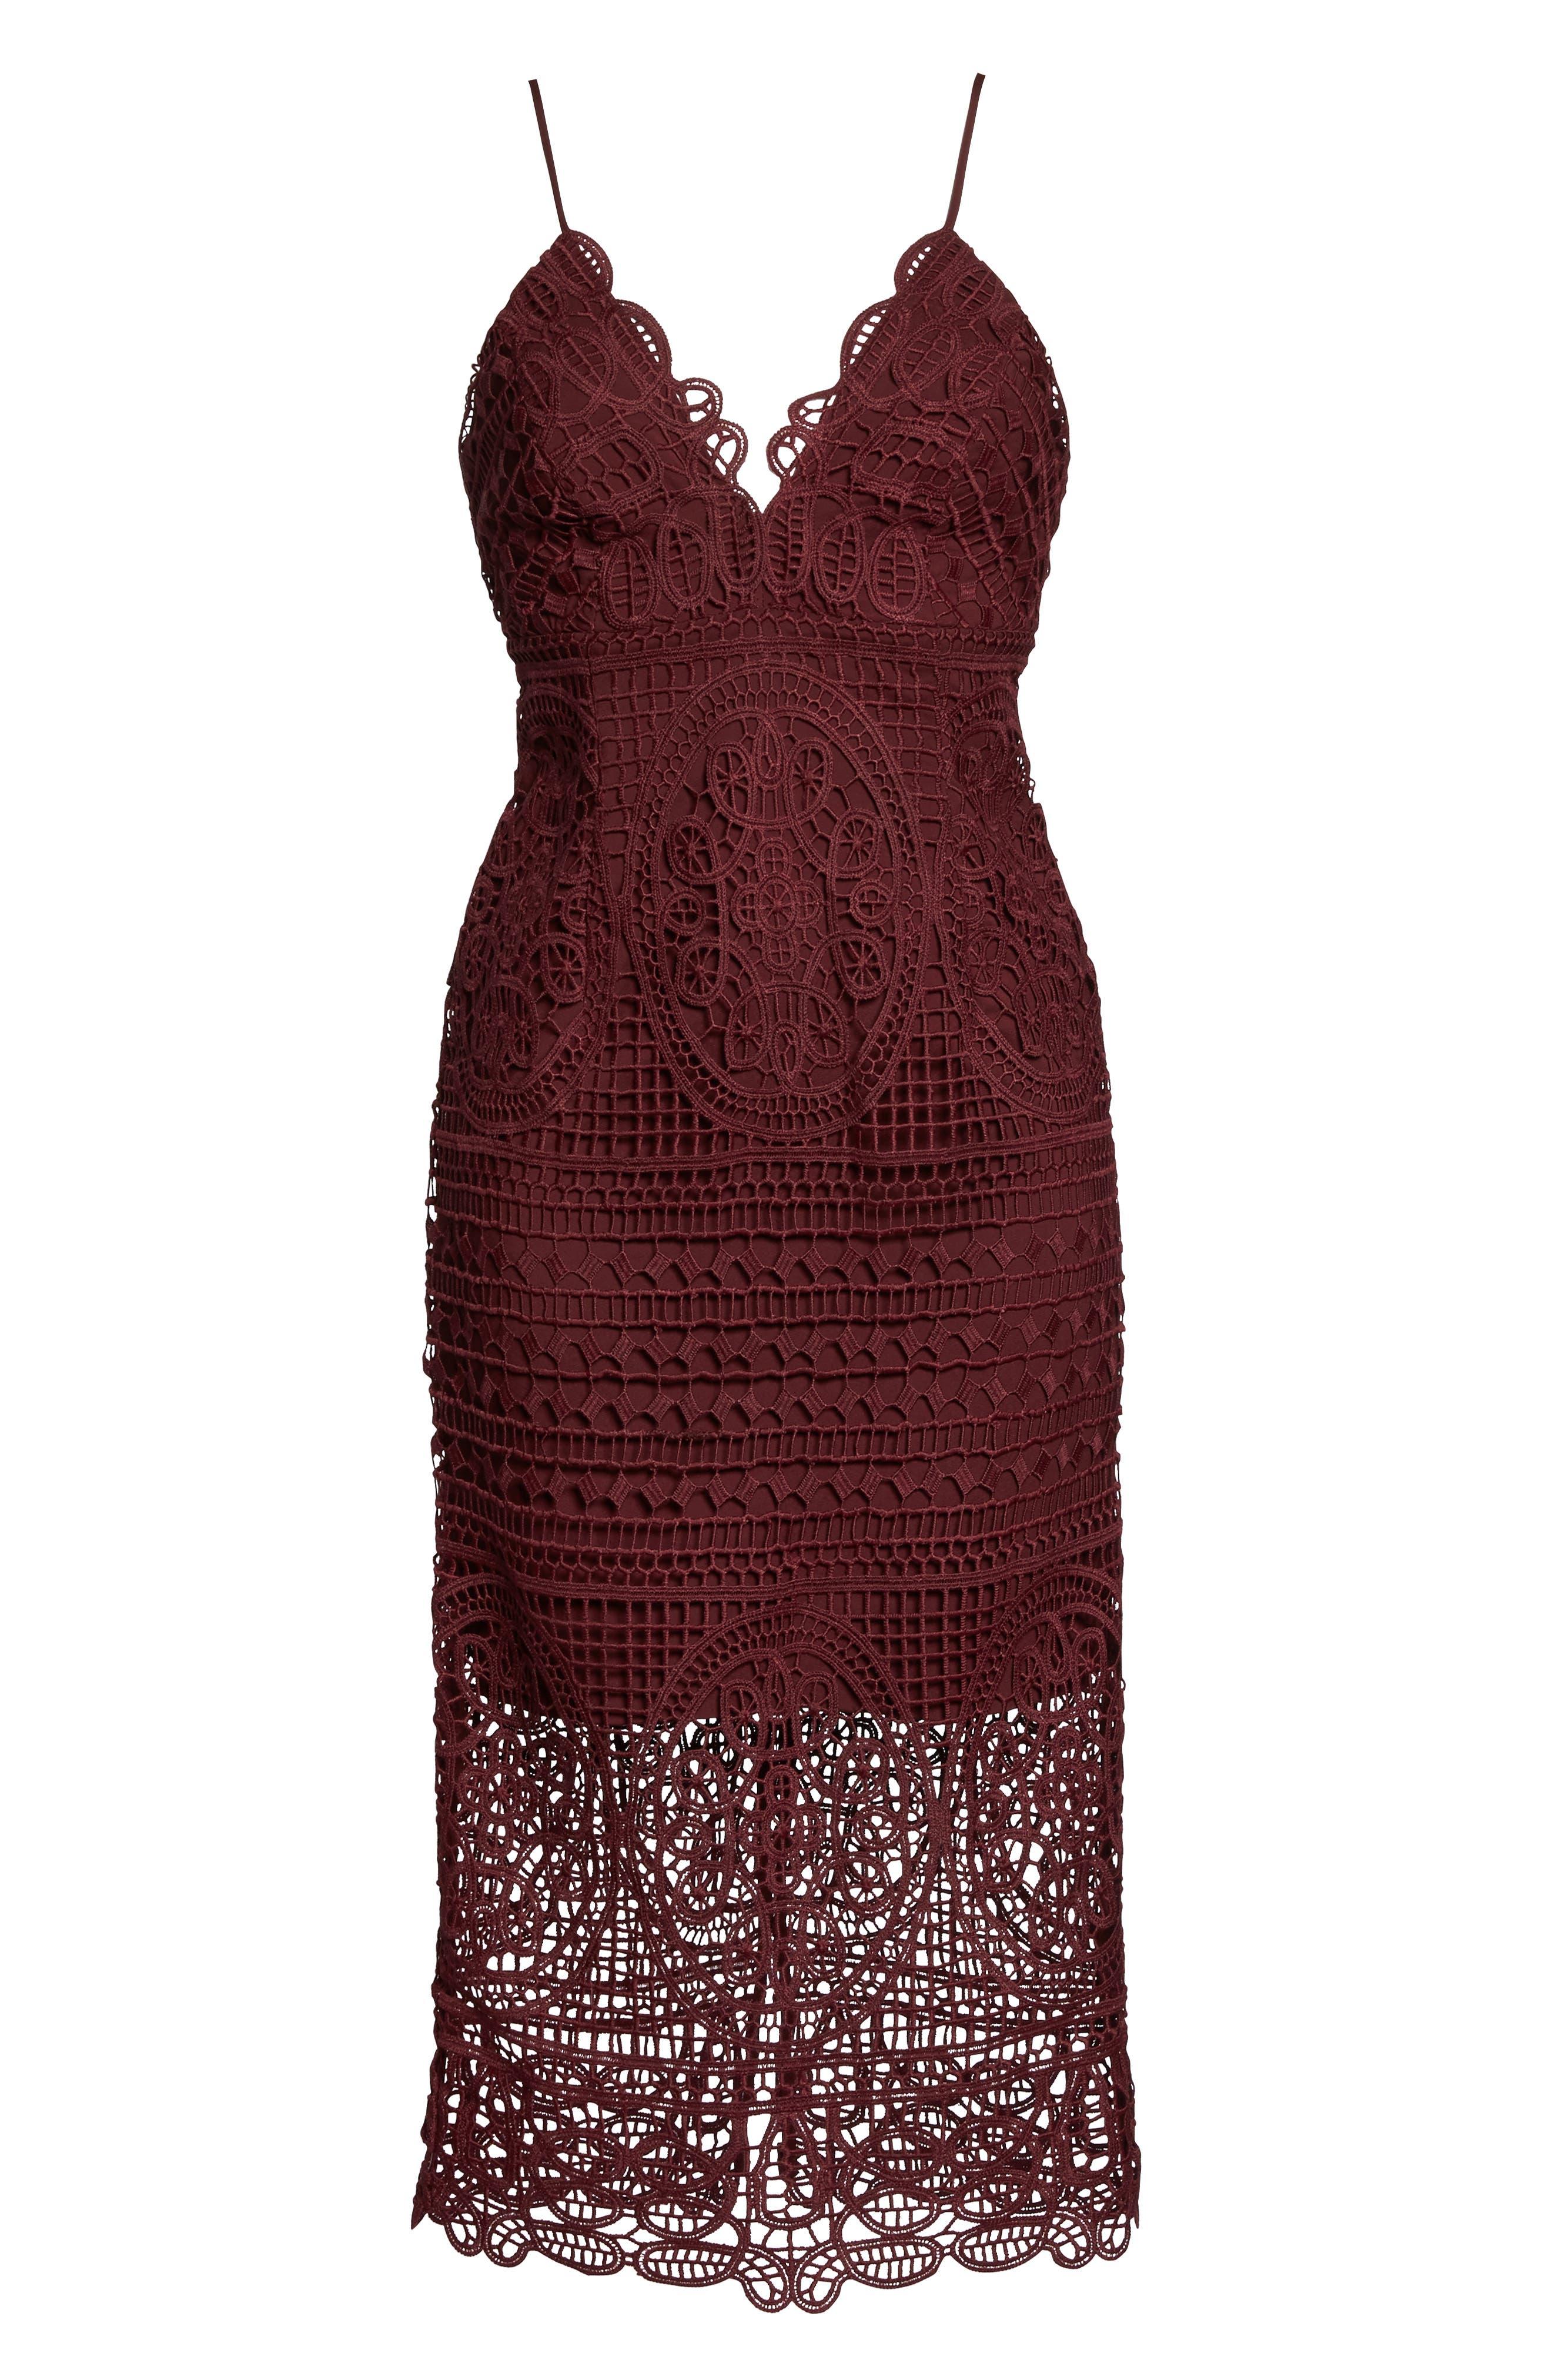 Versailles Lace Pencil Dress,                             Alternate thumbnail 6, color,                             Burgundy